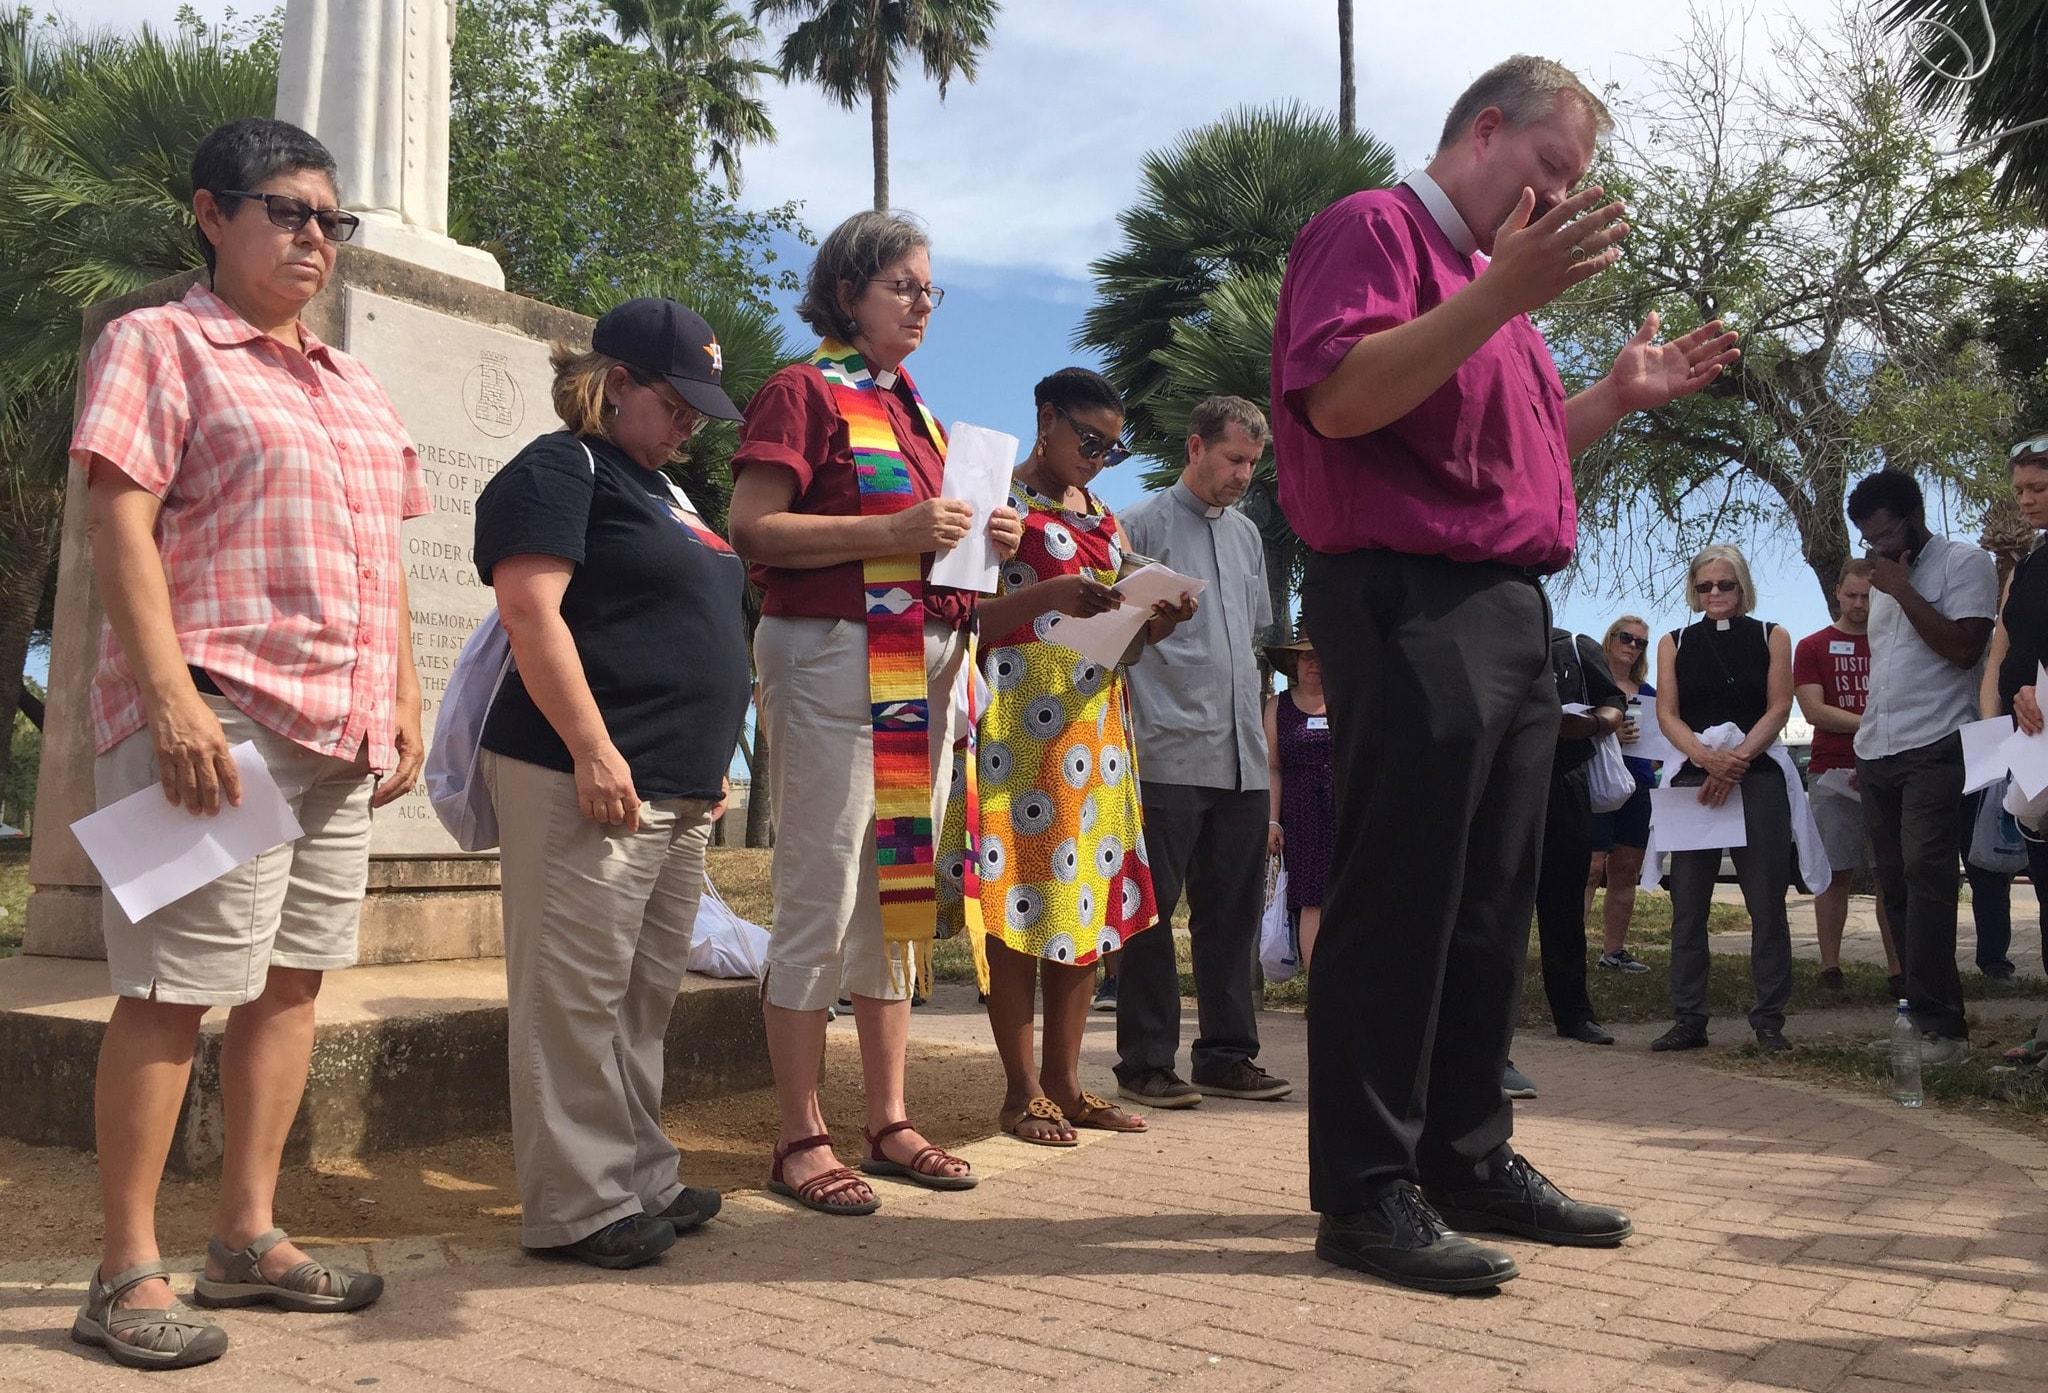 Un grupo ecuménico celebra una vigilia de oración en la frontera entre Tejas y México. Los/as metodistas unidos/as eran parte de un grupo de más de 100 personas que pasaron parte del fin de semana del Día del Trabajo en la frontera y cruzaron a Matamoros, México, para visitar a las personas de Centroamérica, y de otras latitudes, que se encuentran allí en buscan asilo en los Estados Unidos. Foto cortesía de Texas Impact.